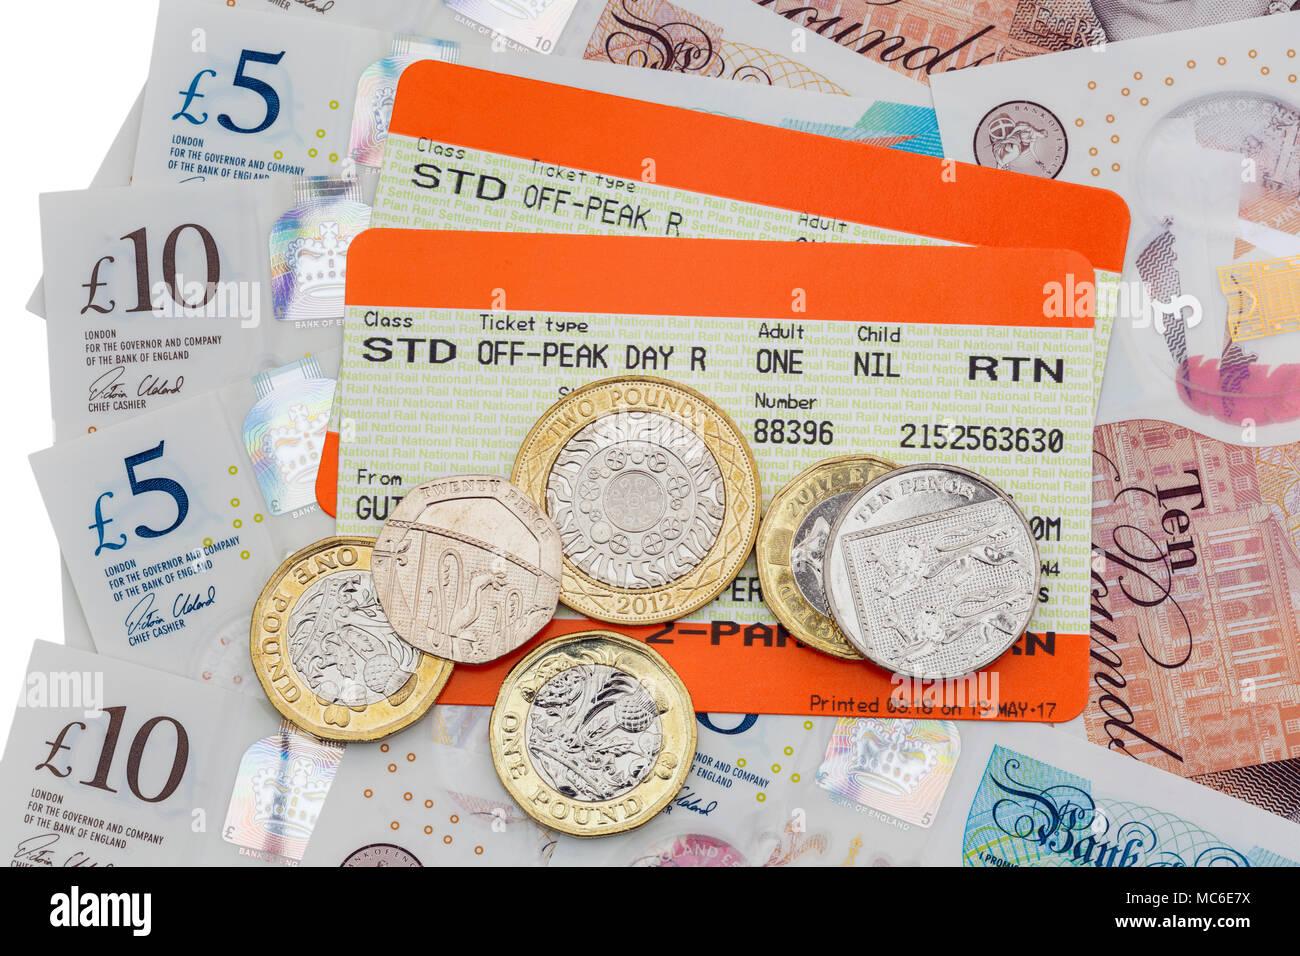 Deux billets de train britannique hors-pointe standard pour sortir et retourner les tarifs ferroviaires avec cinq et dix livres et notes de nouvelles pièces livre. Angleterre Royaume-uni Grande-Bretagne Photo Stock